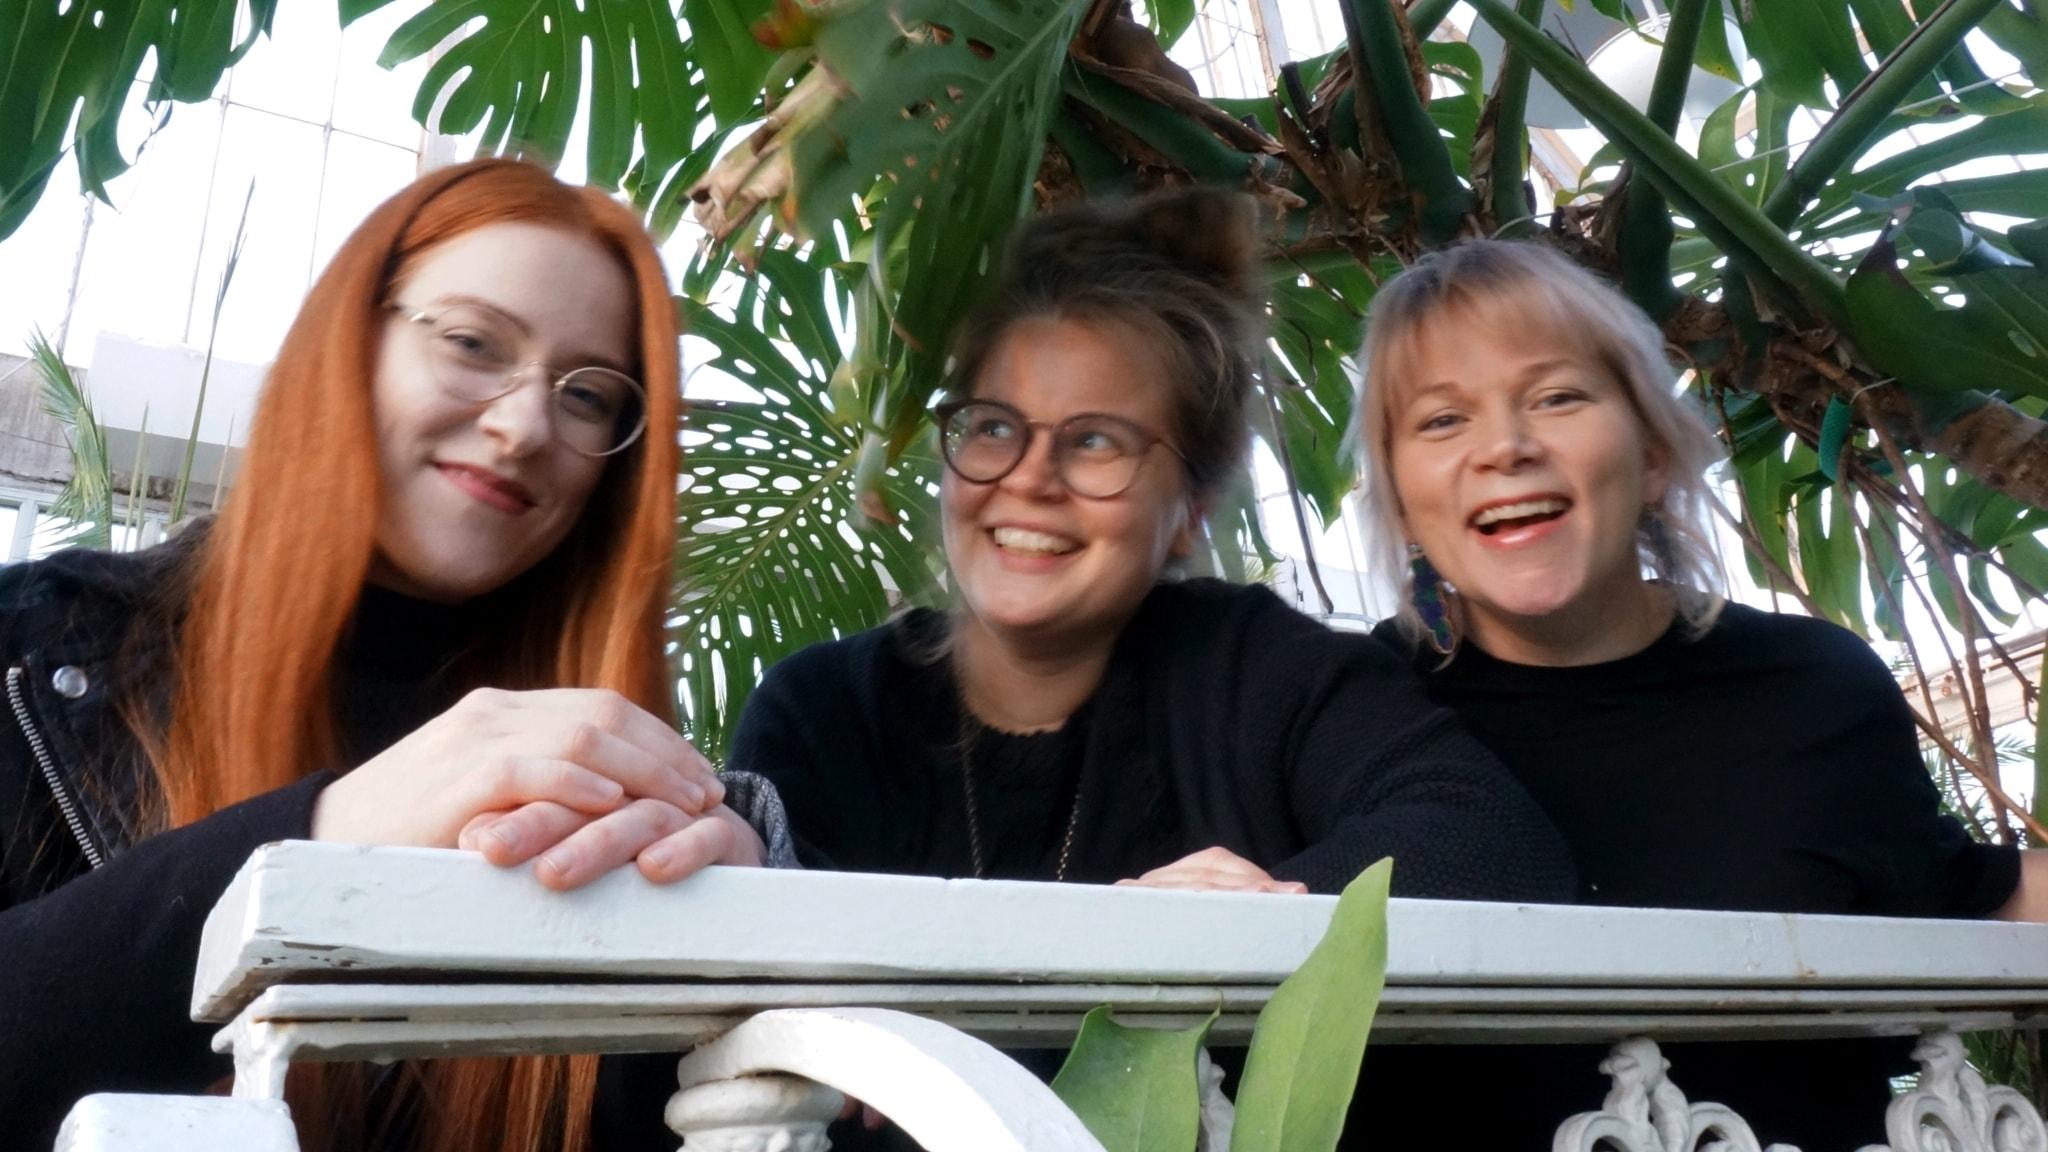 Luovat keskustelijat: Maissi Uusitalo, Anna Martta Partio ja Nina Wall Göteborgin Palmhusetissa.